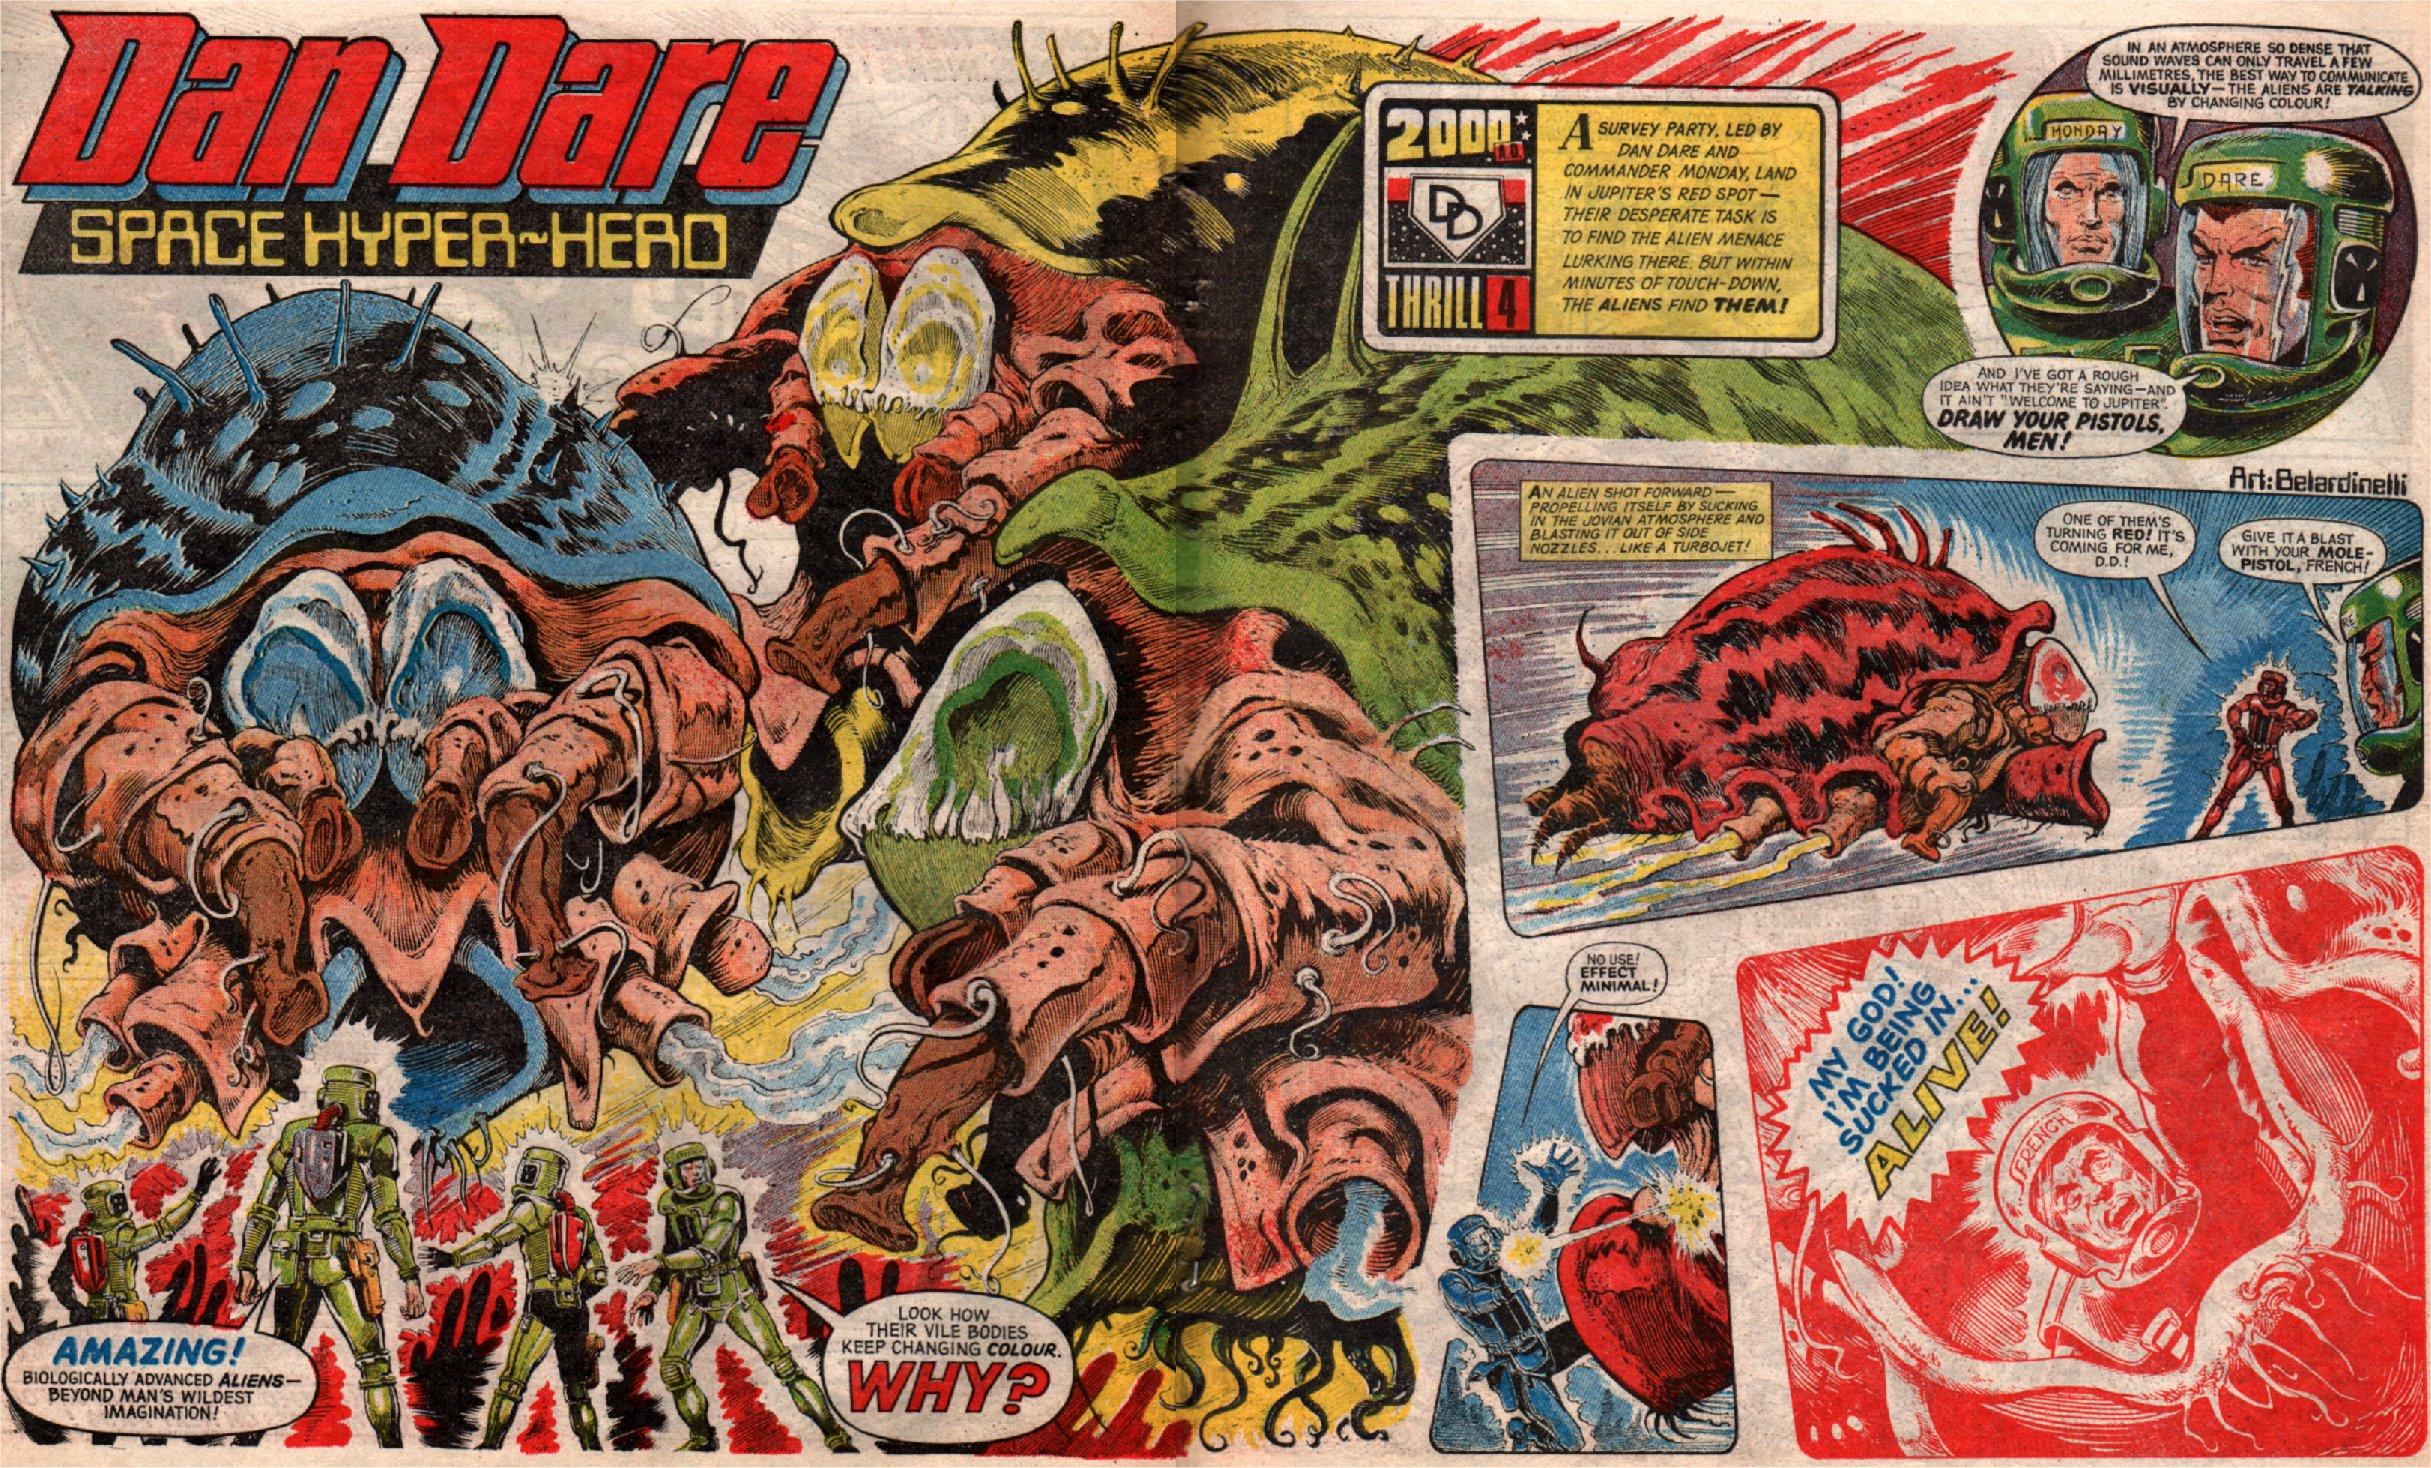 Dan Dare ad 2000ad Cover